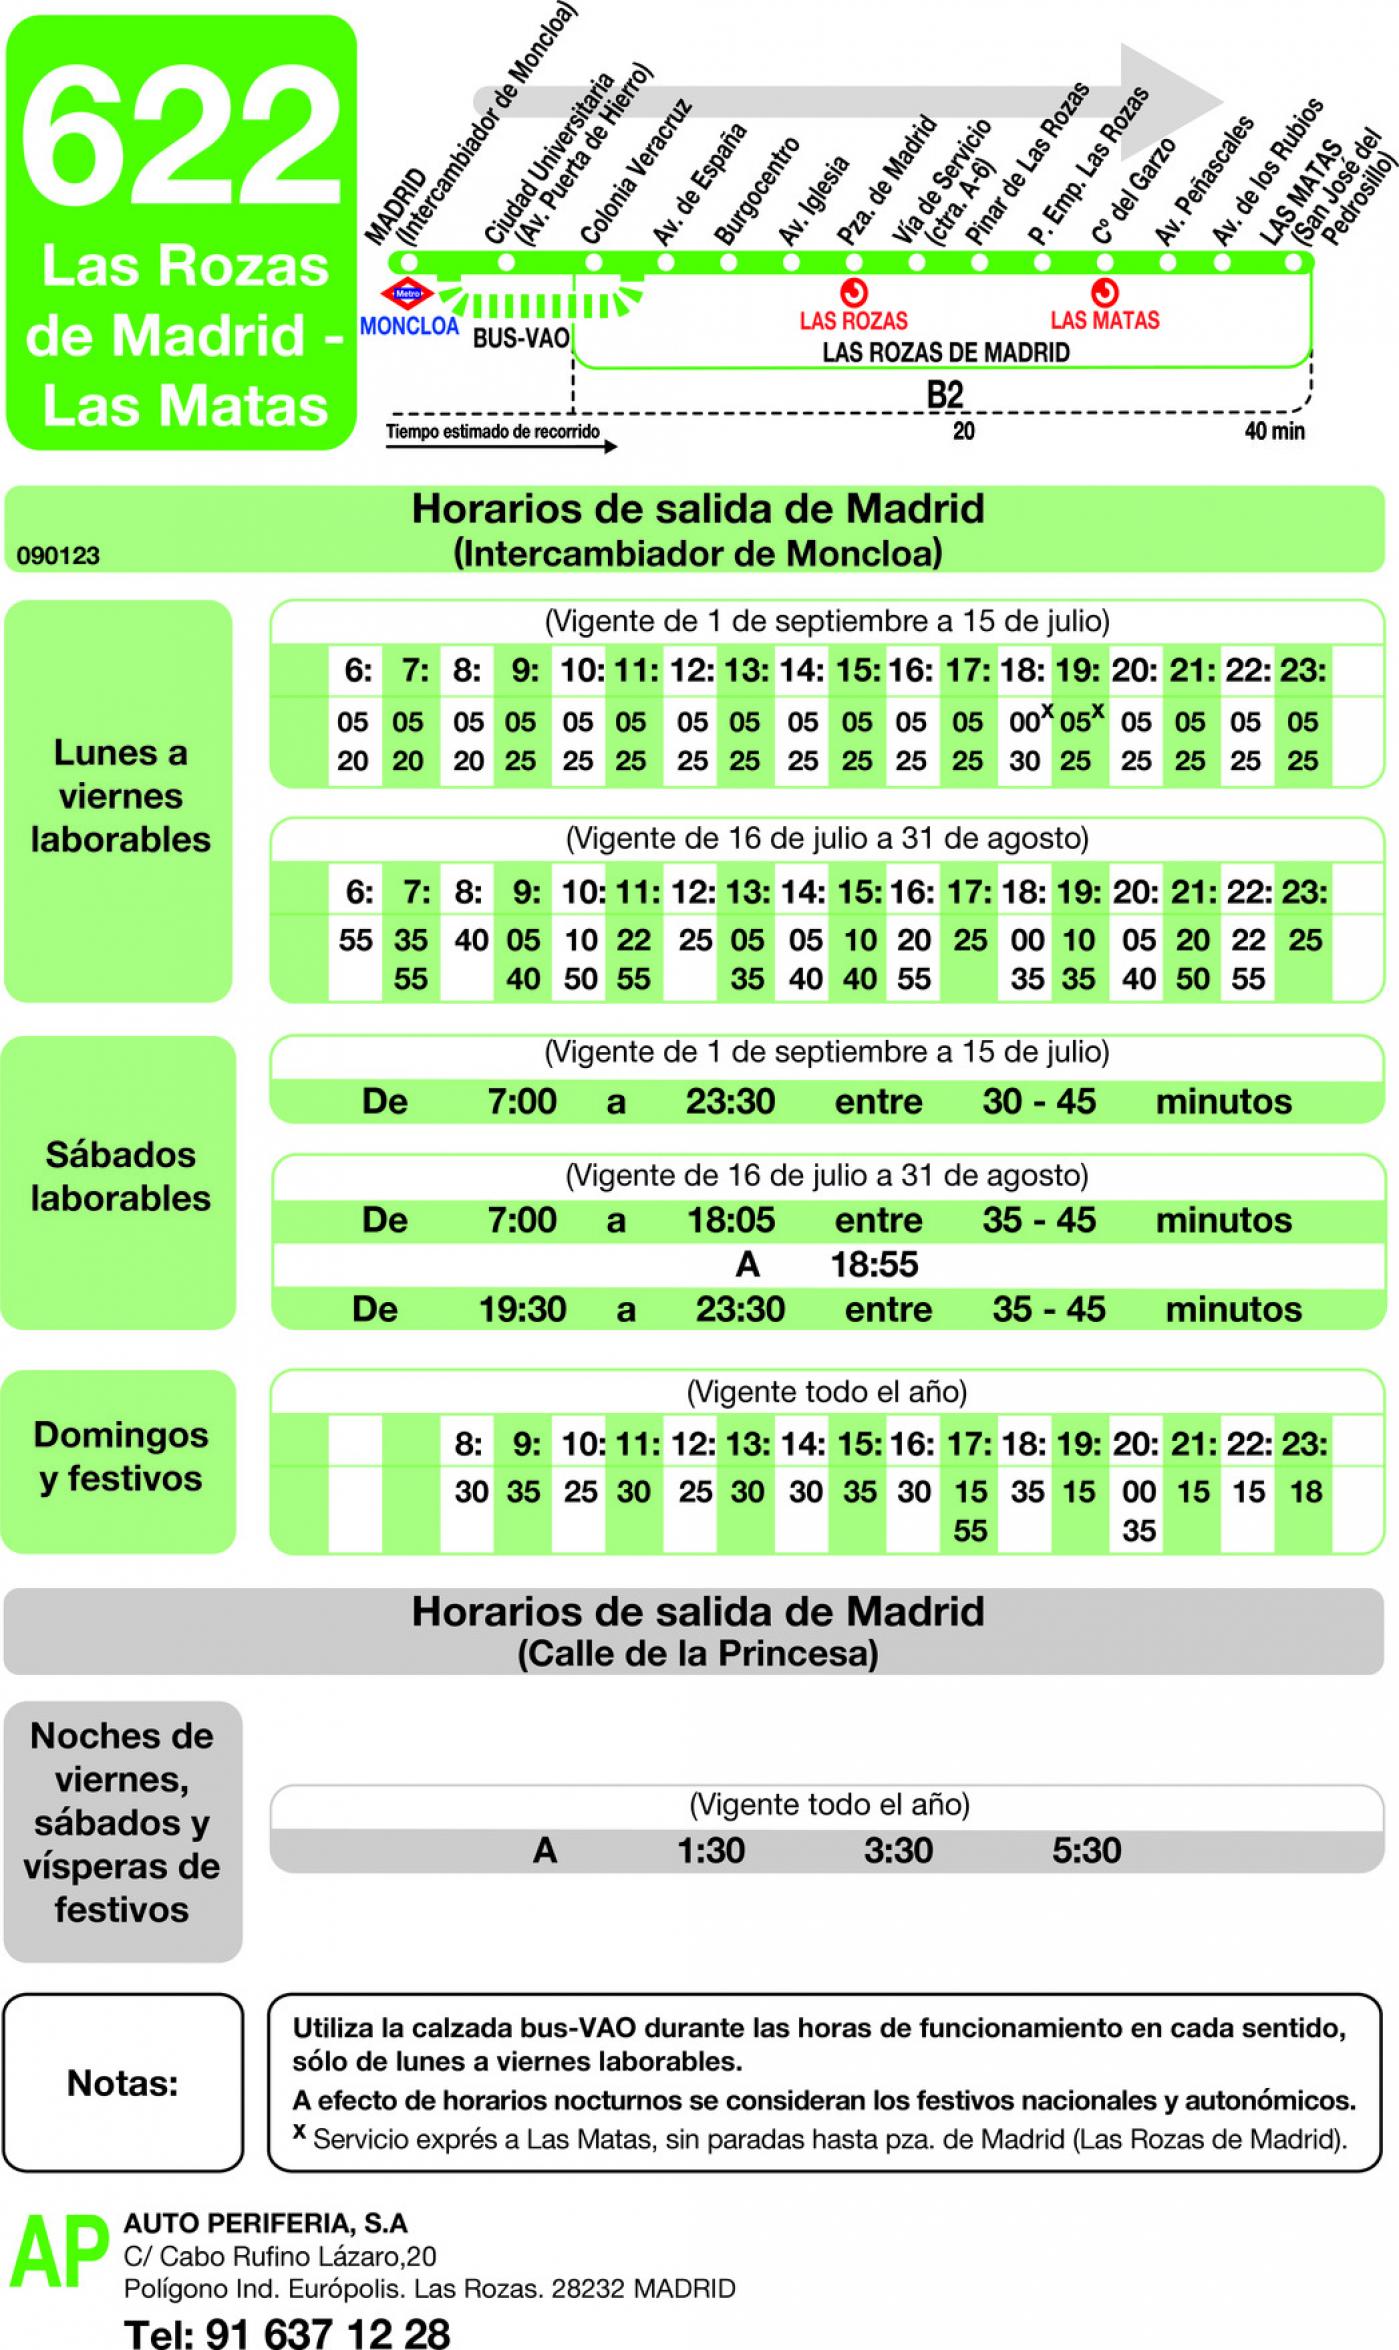 Tabla de horarios y frecuencias de paso en sentido ida Línea 622: Madrid (Moncloa) - Las Rozas - Las Matas